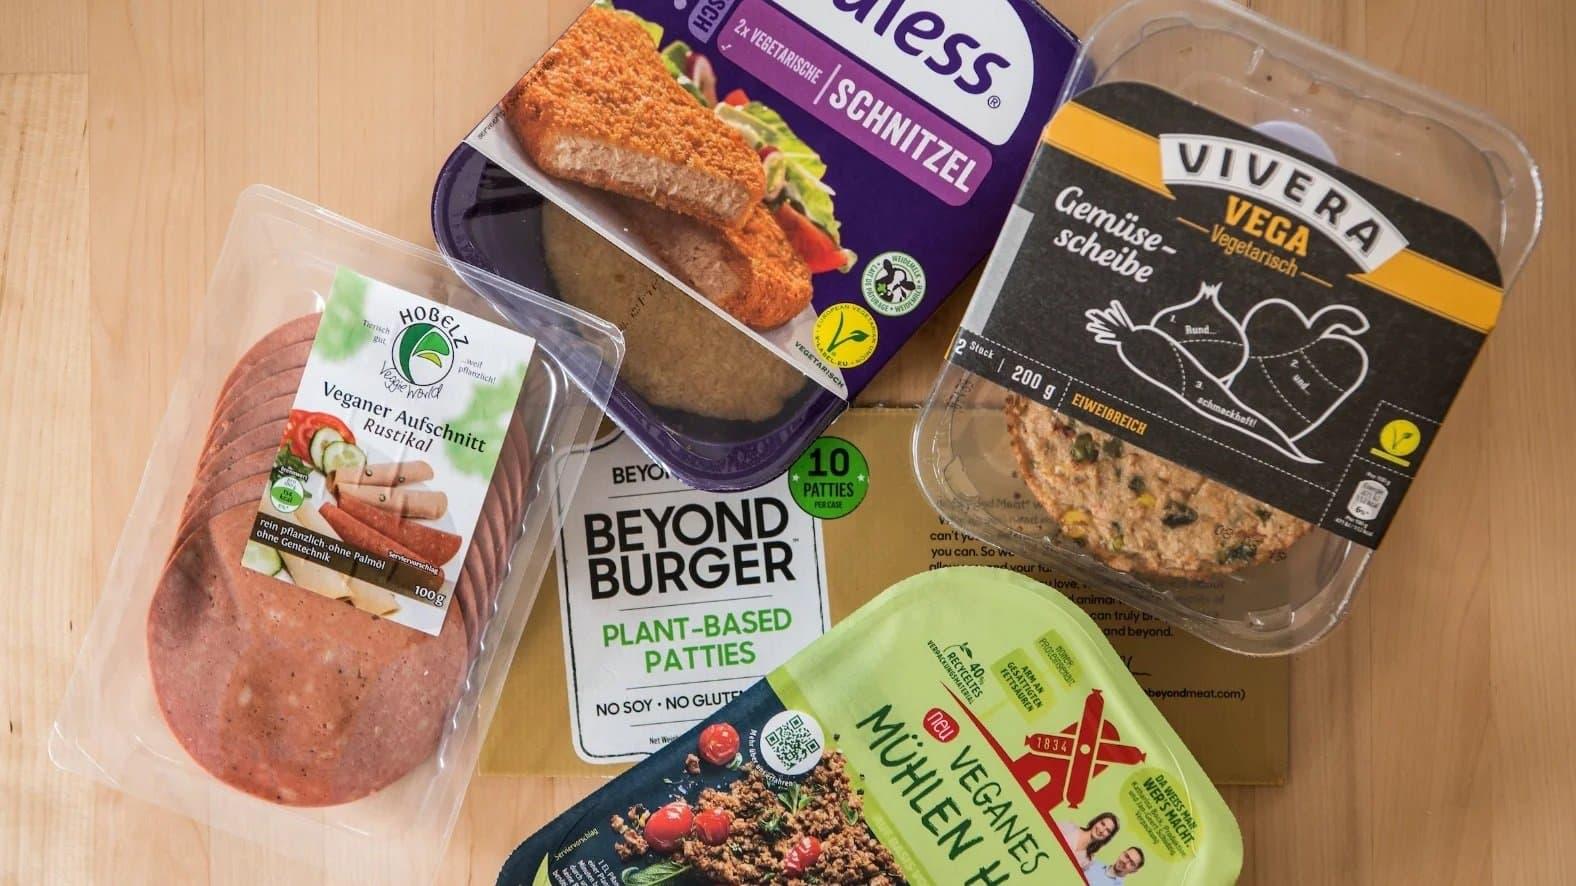 ¿Son las alternativas a la carne como las hamburguesas vegetarianas realmente saludables?